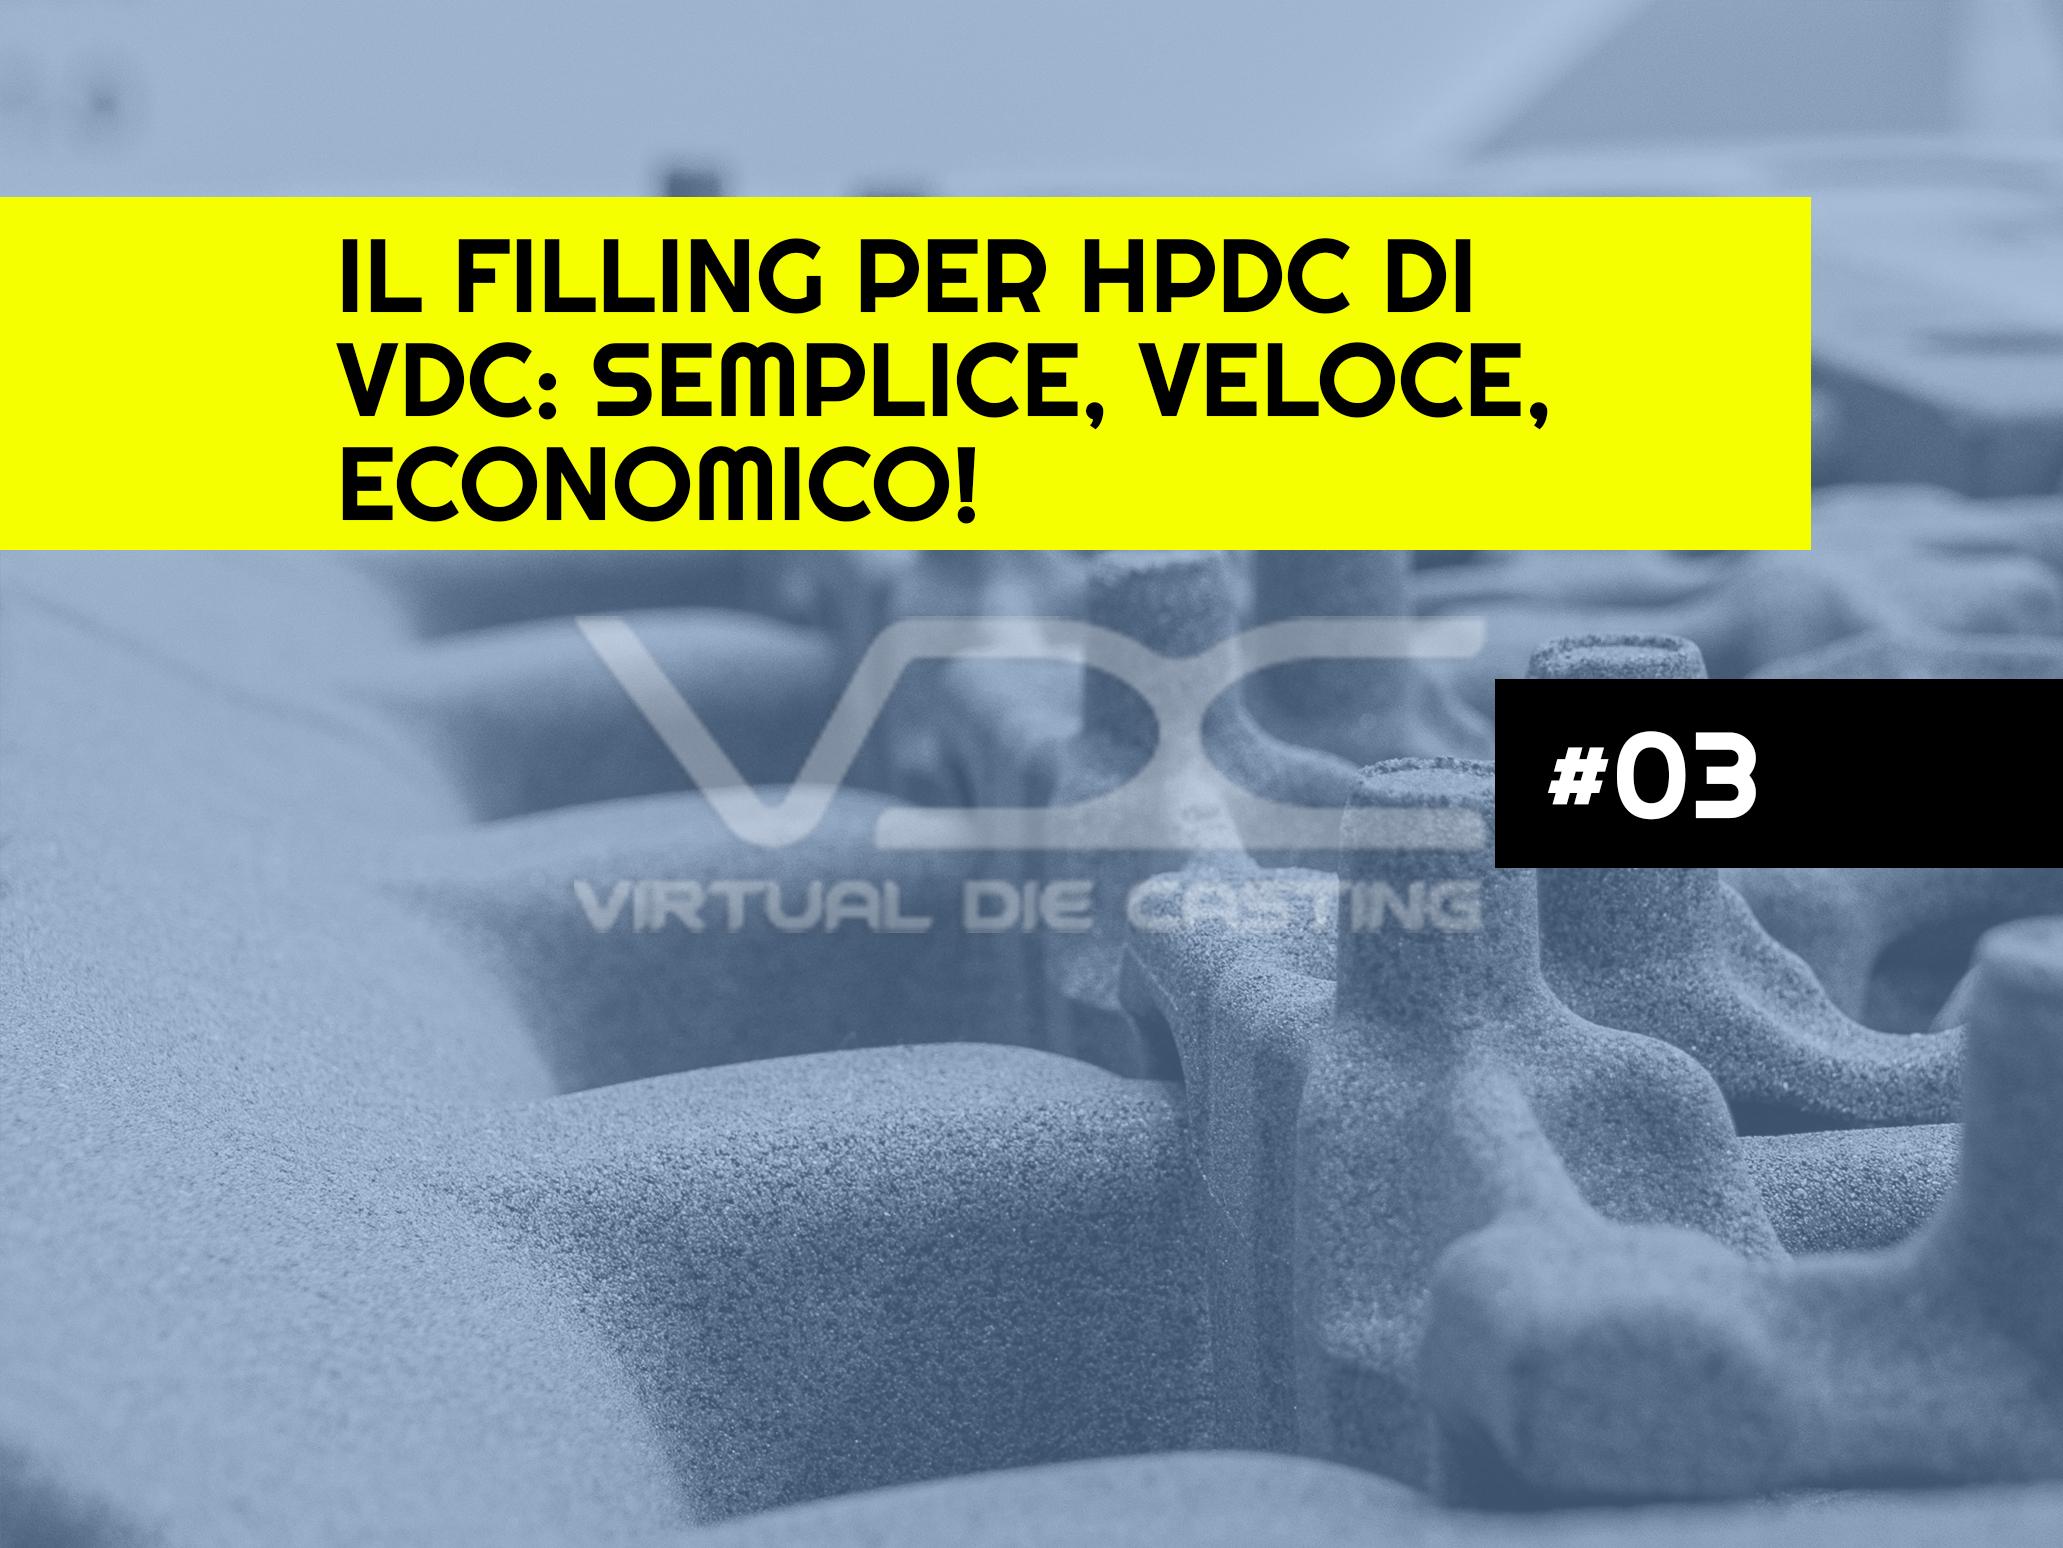 Il filling per HPDC di VDC: semplice, veloce, economico!